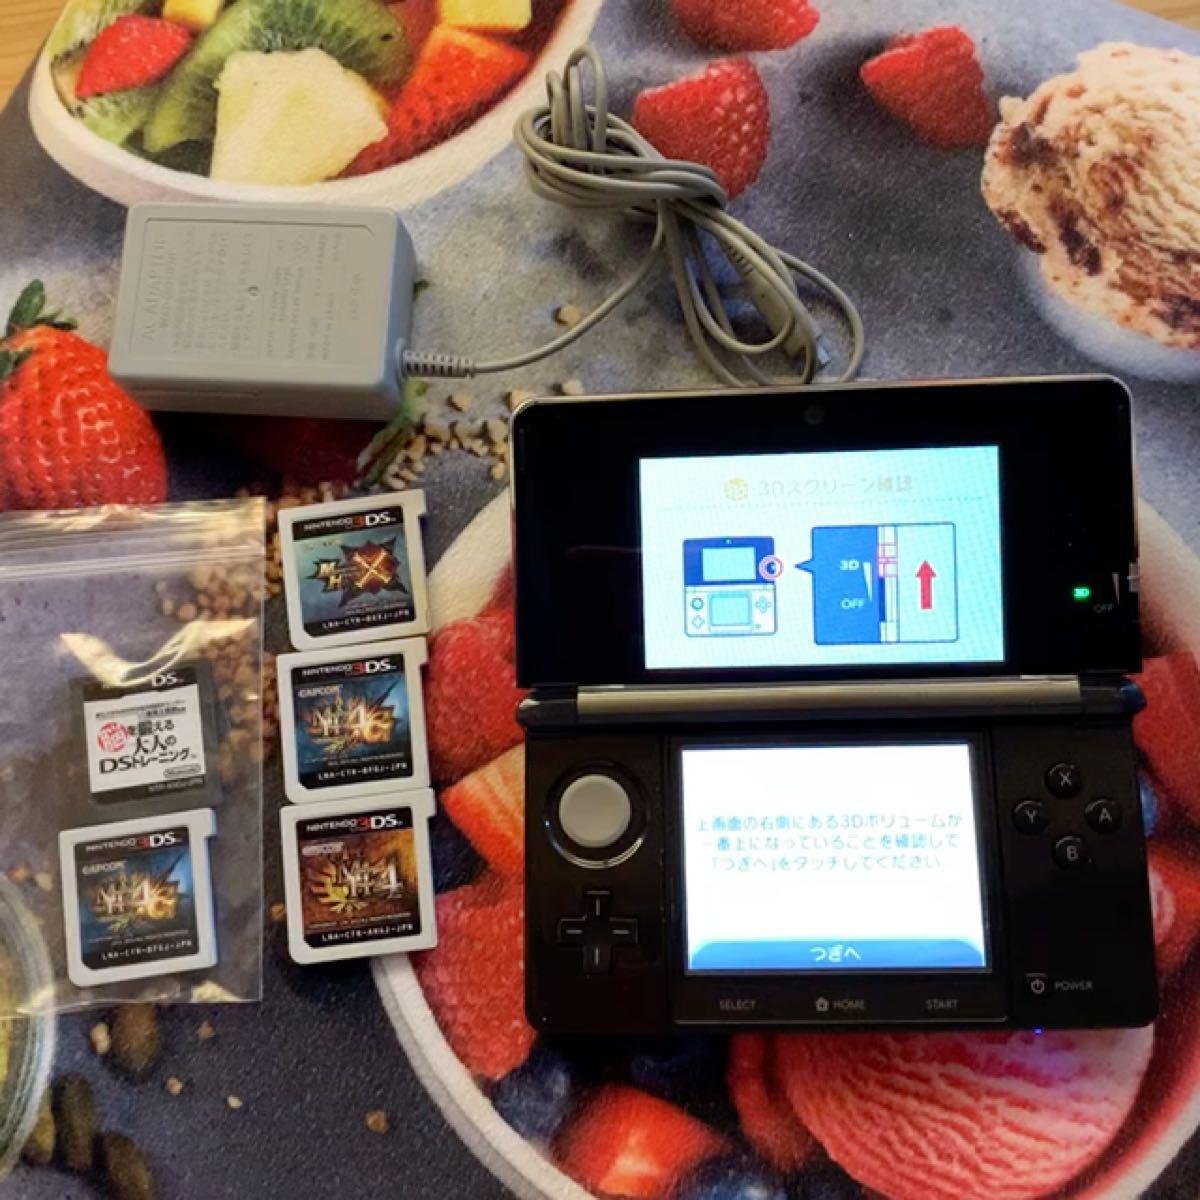 ニンテンドー3DS本体 充電器、モンハン4、4G.2枚、x、脳トレソフト